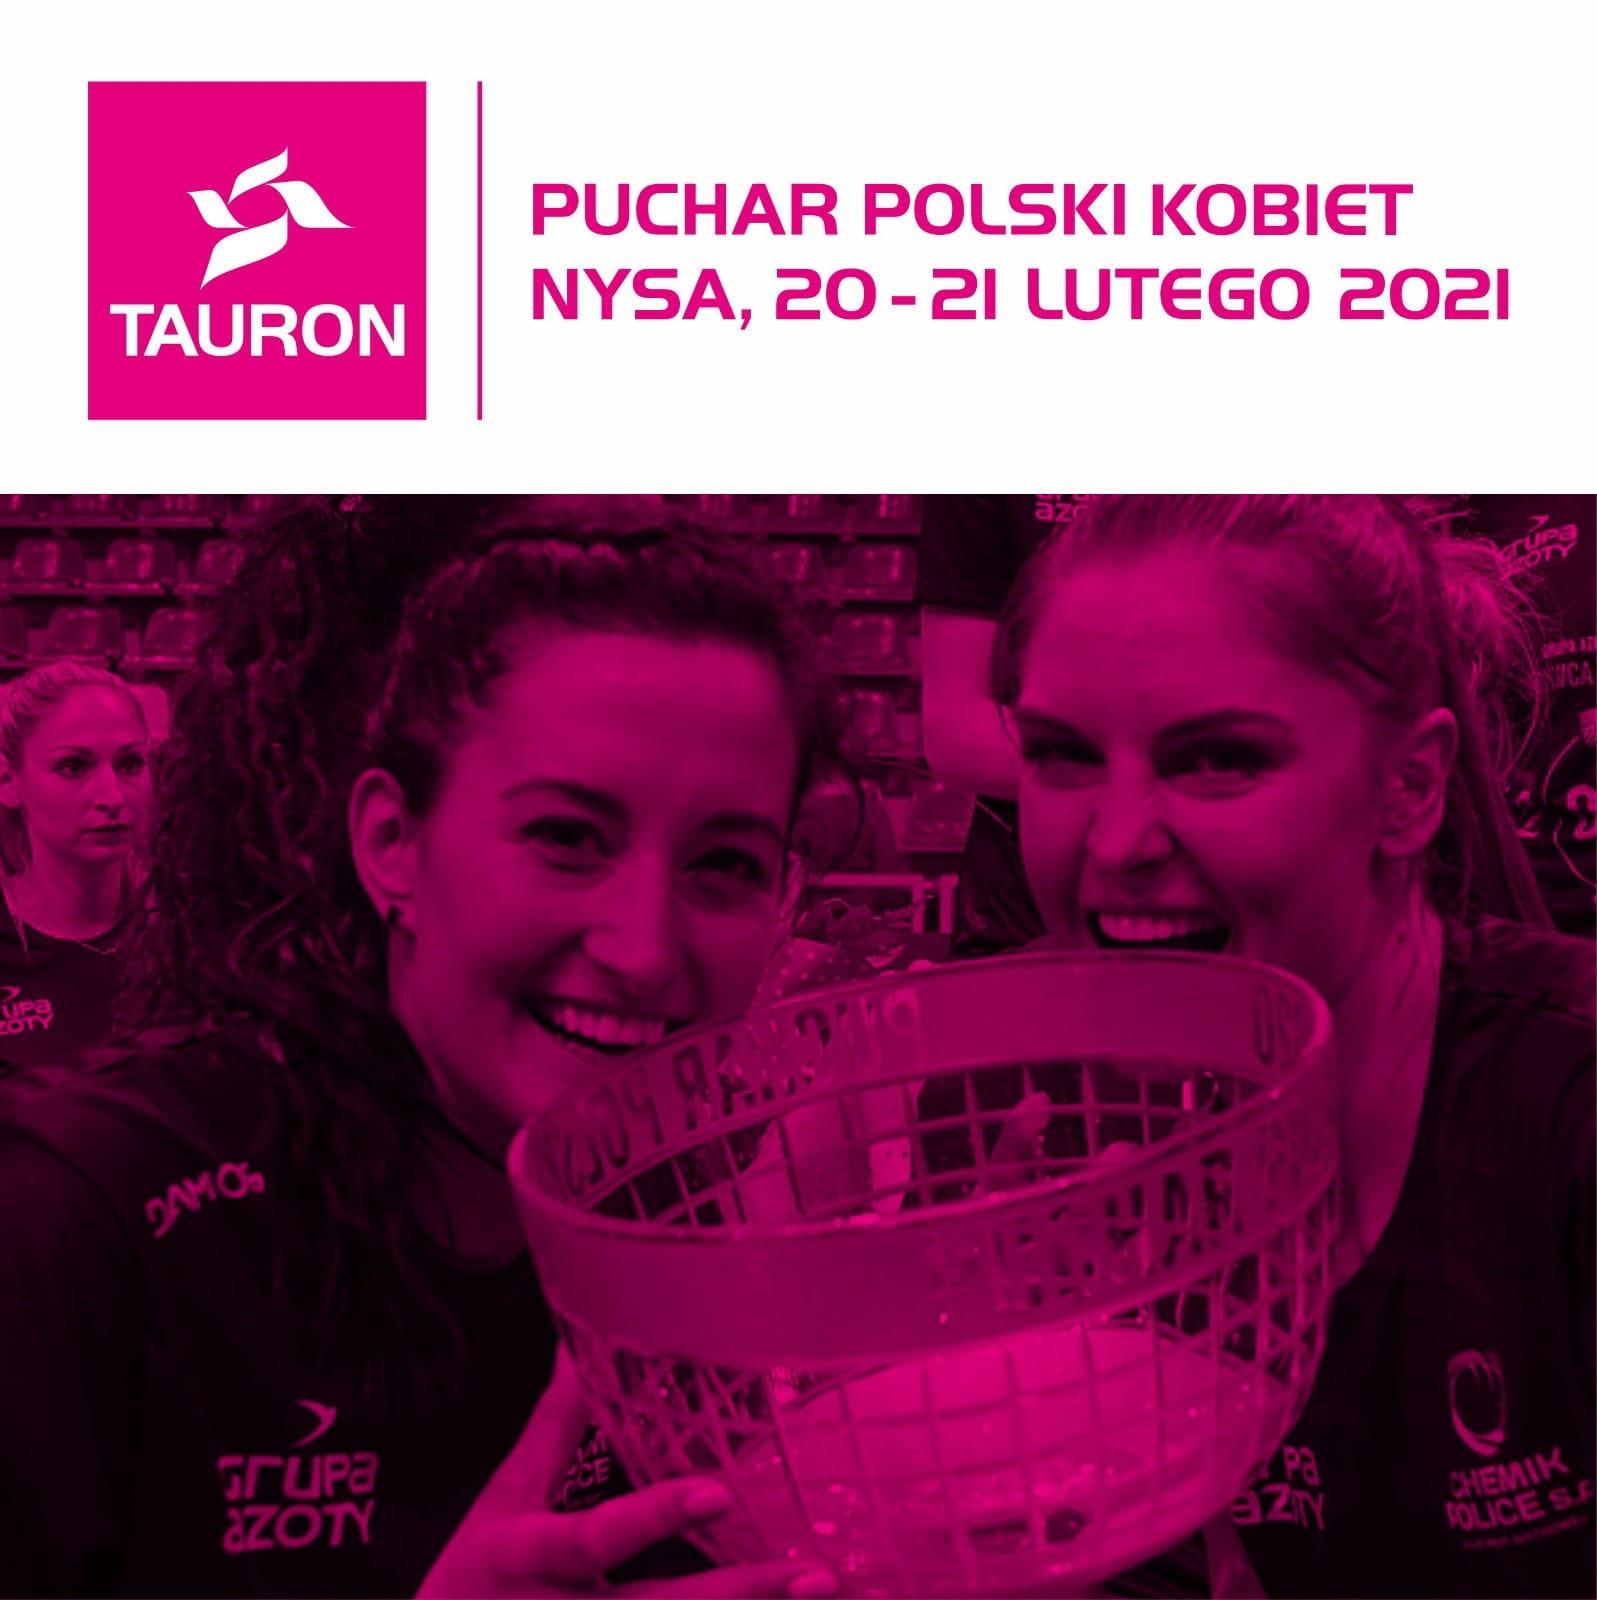 Tauron Puchar Polski Kobiet w Nysie!